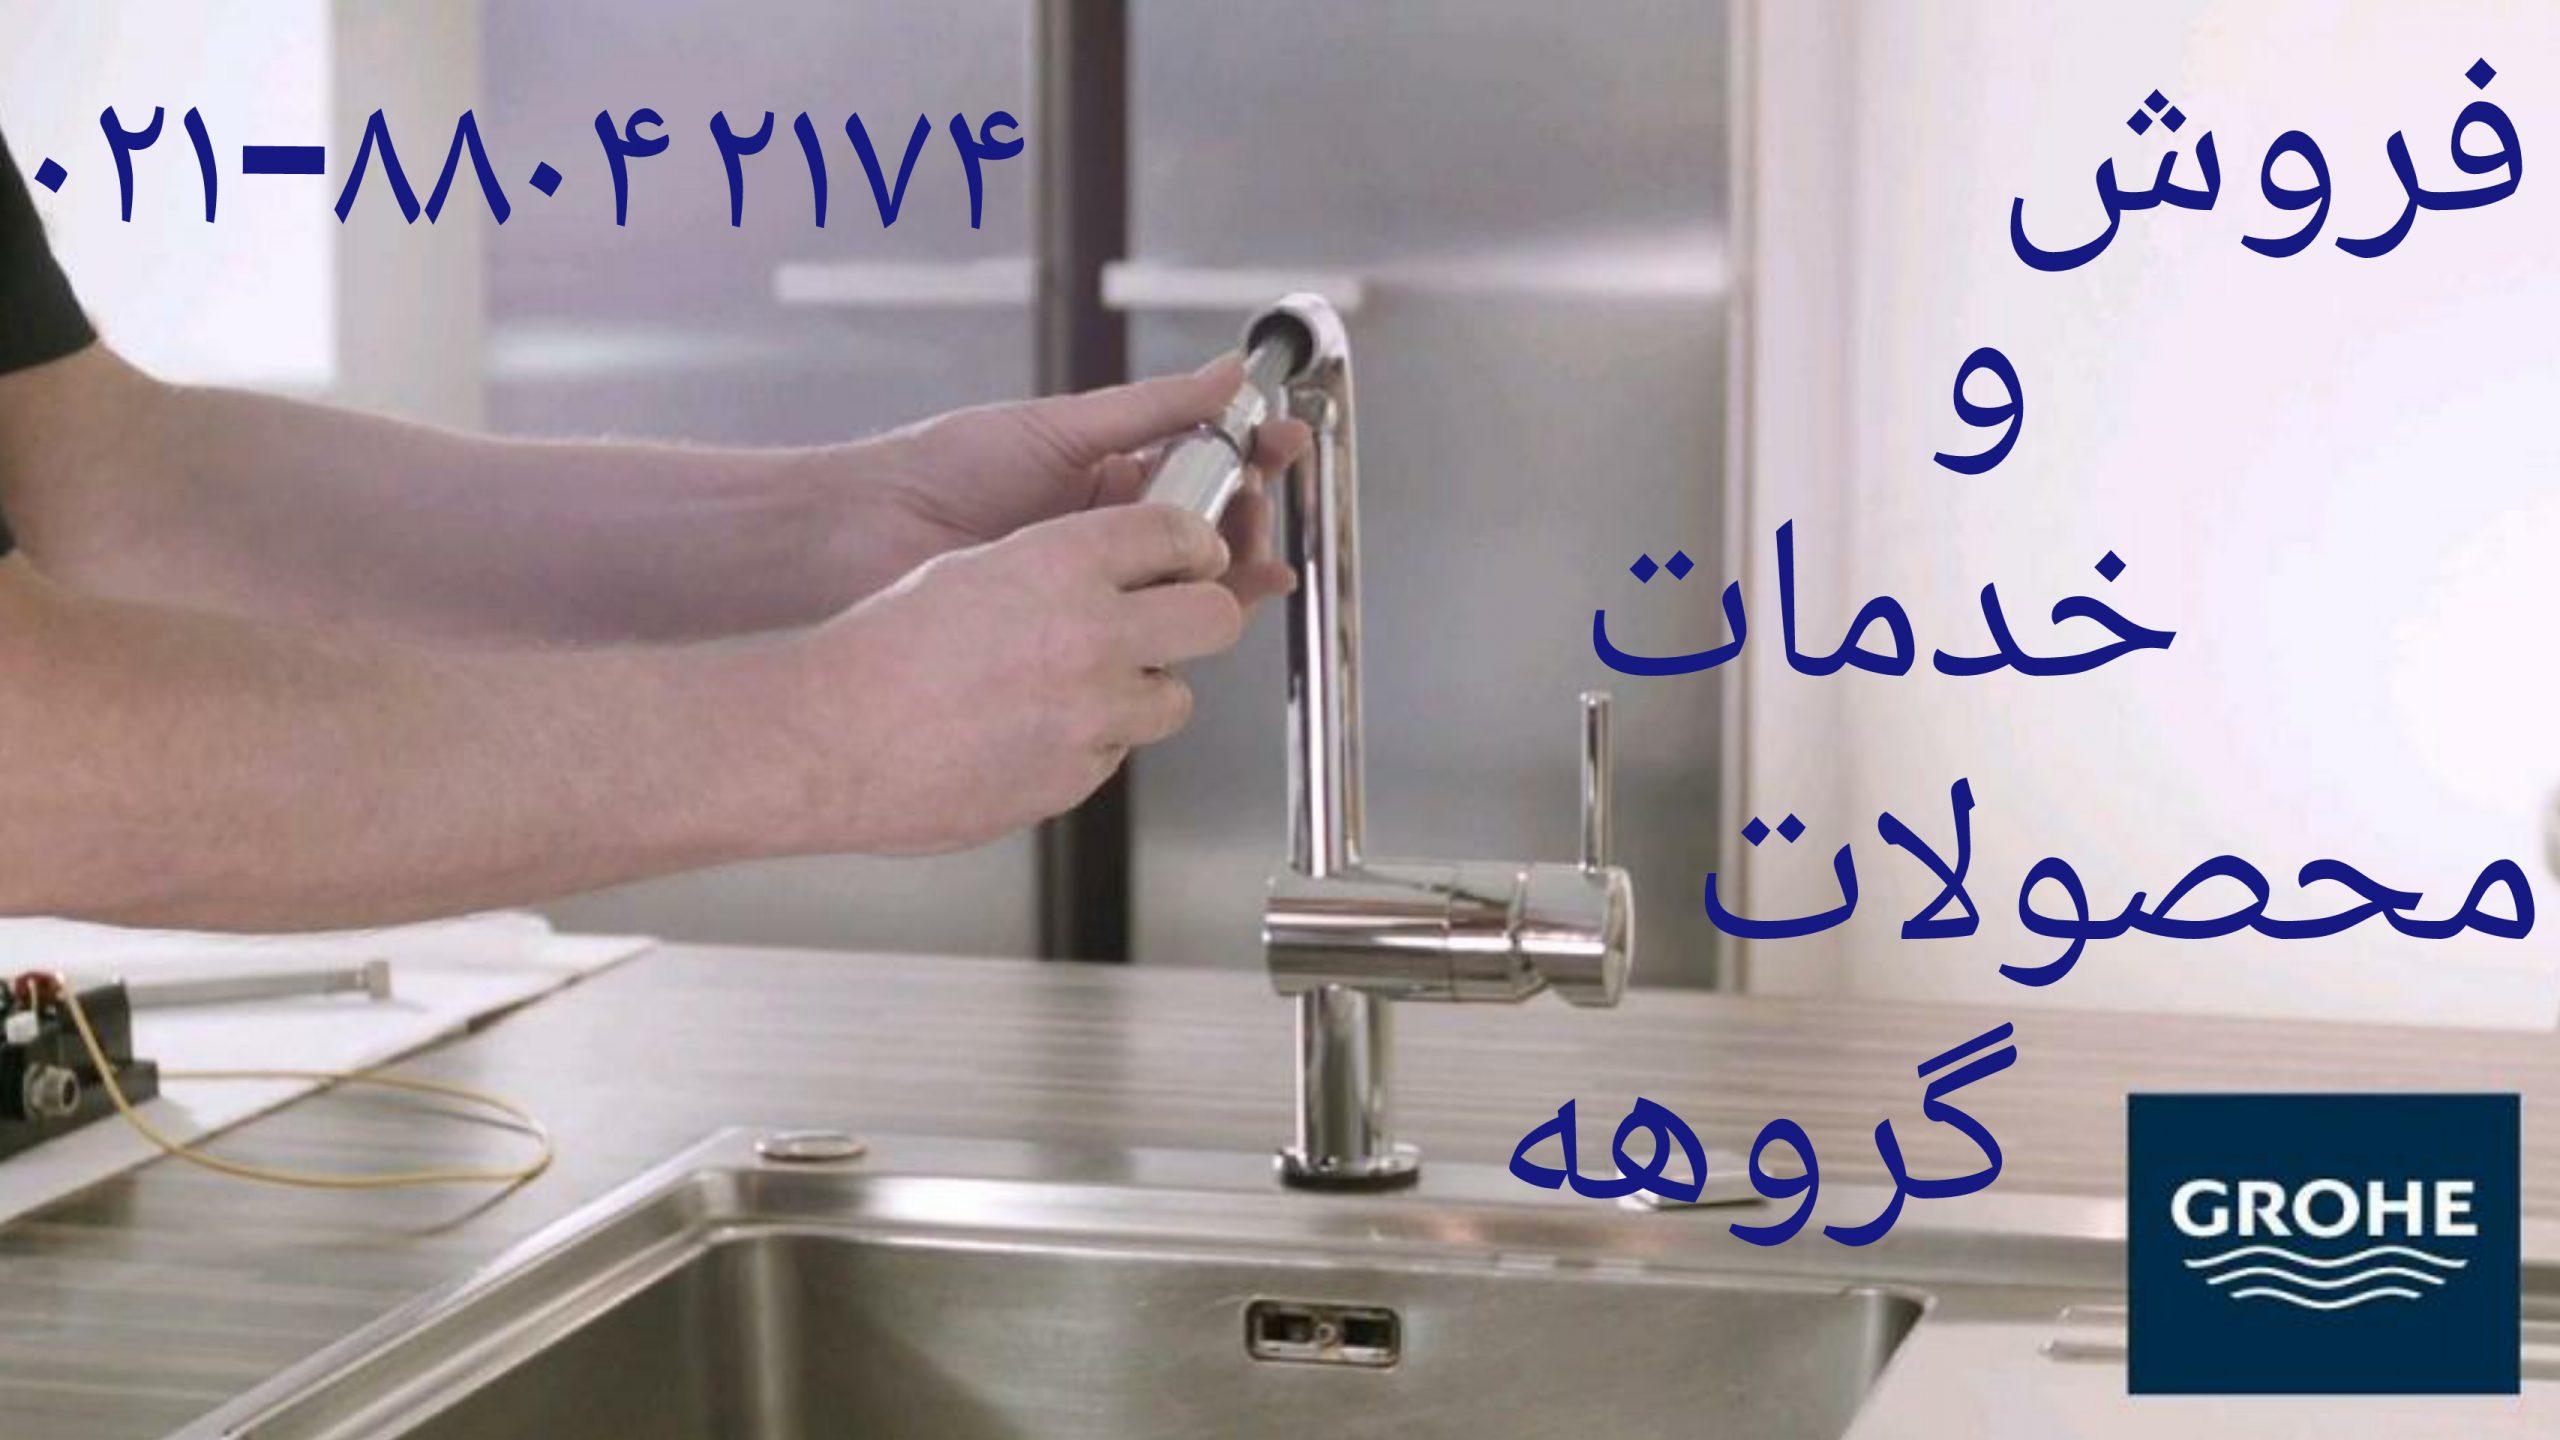 تعمیر شیر حمام گروهه88042174 فروش و خدمات گروهه گارانتی و تعمیرات شیر های گروهه